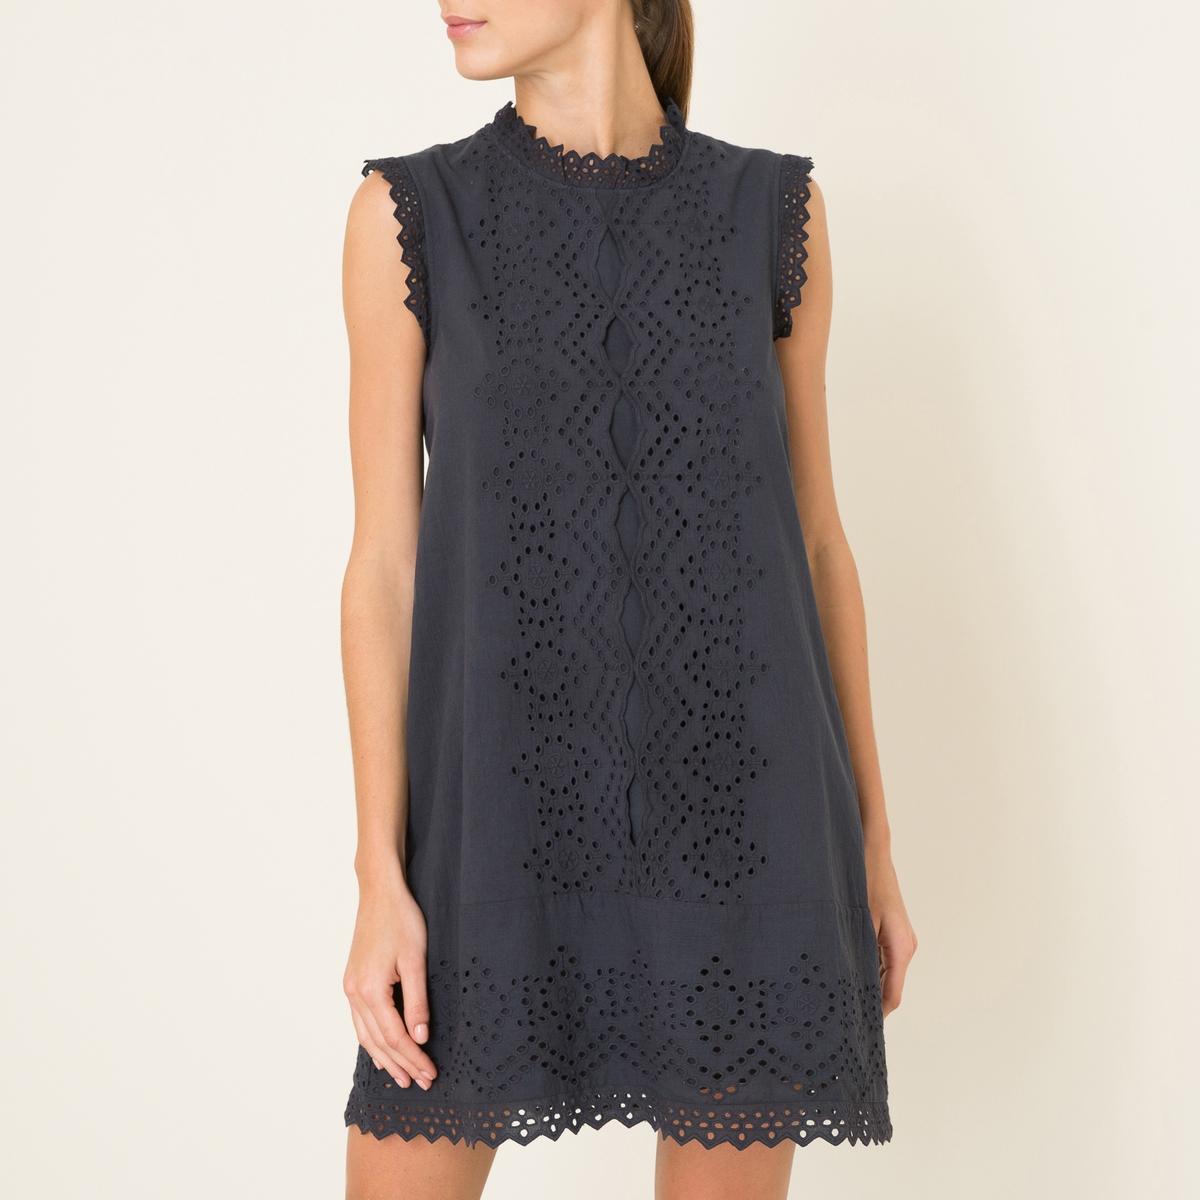 Платье с английской вышивкойСостав и описание    Материал : 100% хлопок   Подкладка 100% хлопок   Длина : 92 см. для размера 36   Марка : HARTFORD<br><br>Цвет: темно-синий<br>Размер: 3(L)